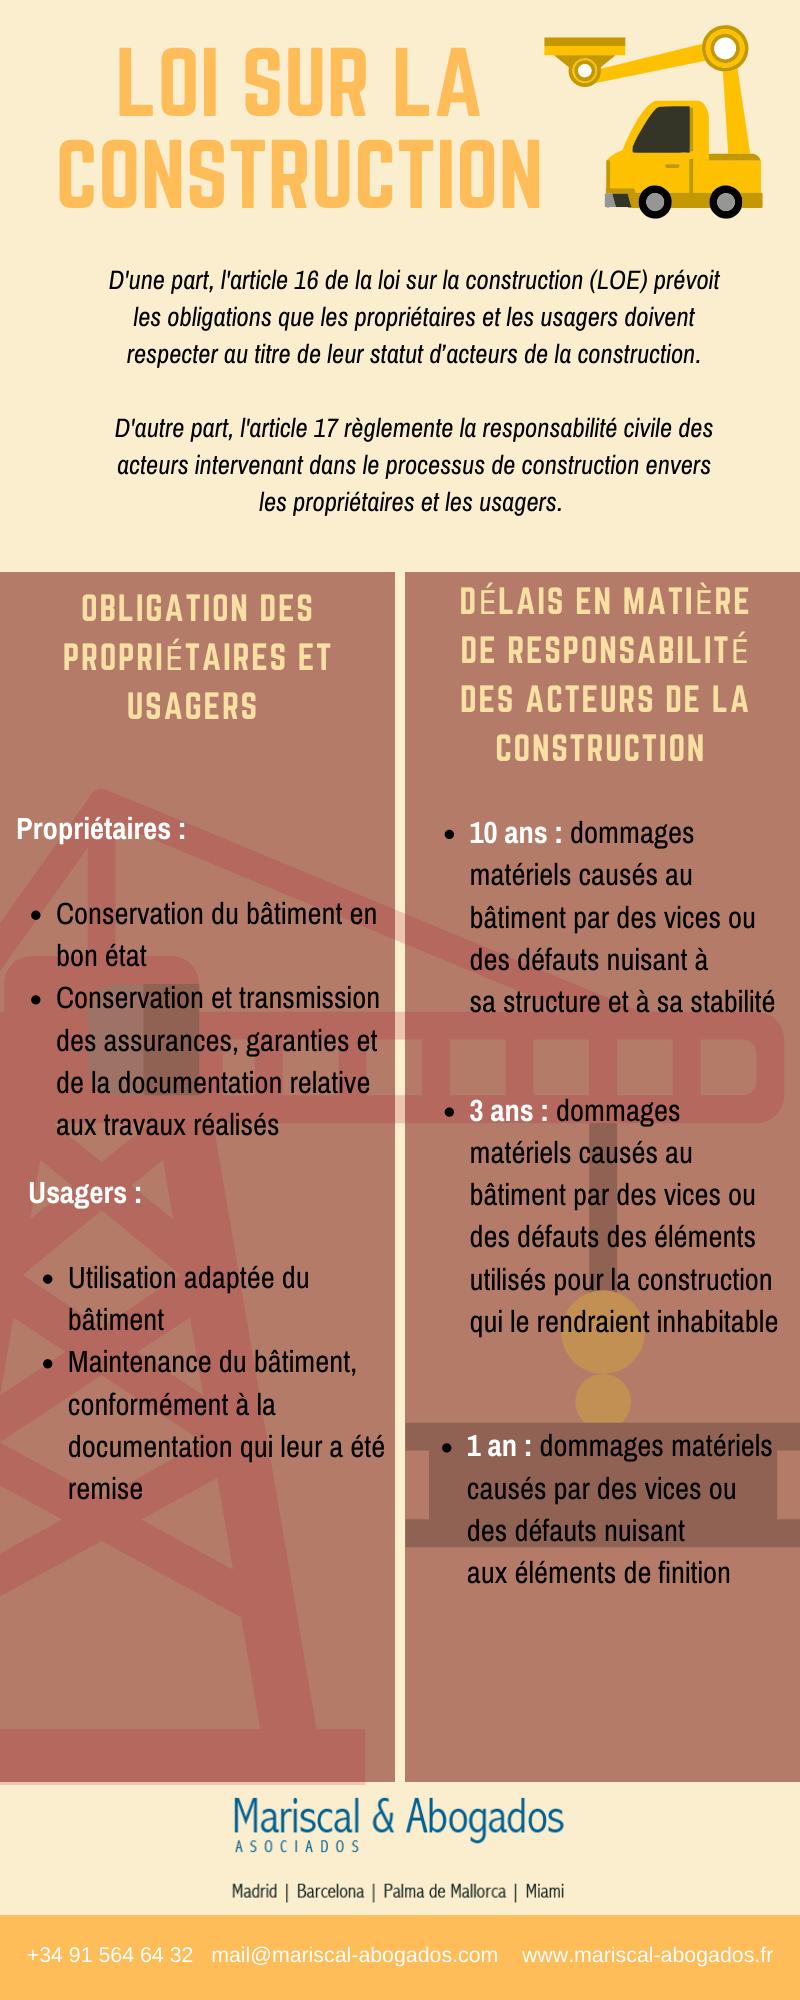 15 2019 y 29 2019 Loi sur la construction